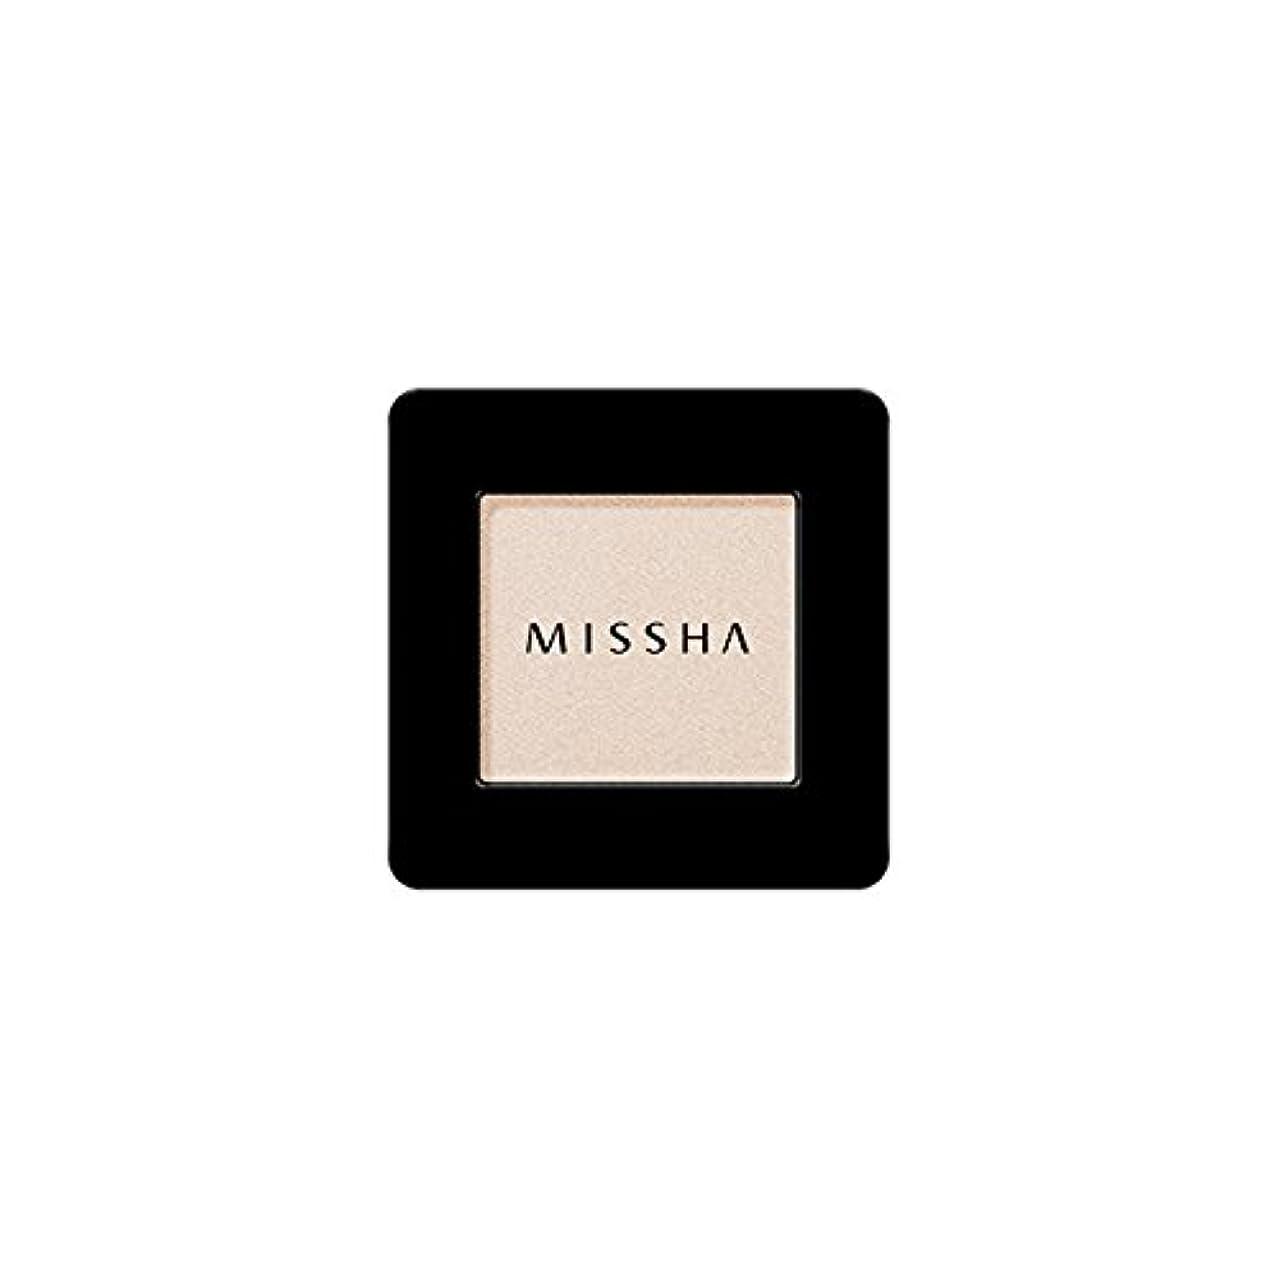 不利益しゃがむ研究MISSHA Modern Shadow [SHIMMER] 1.8g (#SBE01 Santa Barbara)/ミシャ モダン シャドウ [シマー] 1.8g (#SBE01 Santa Barbara)